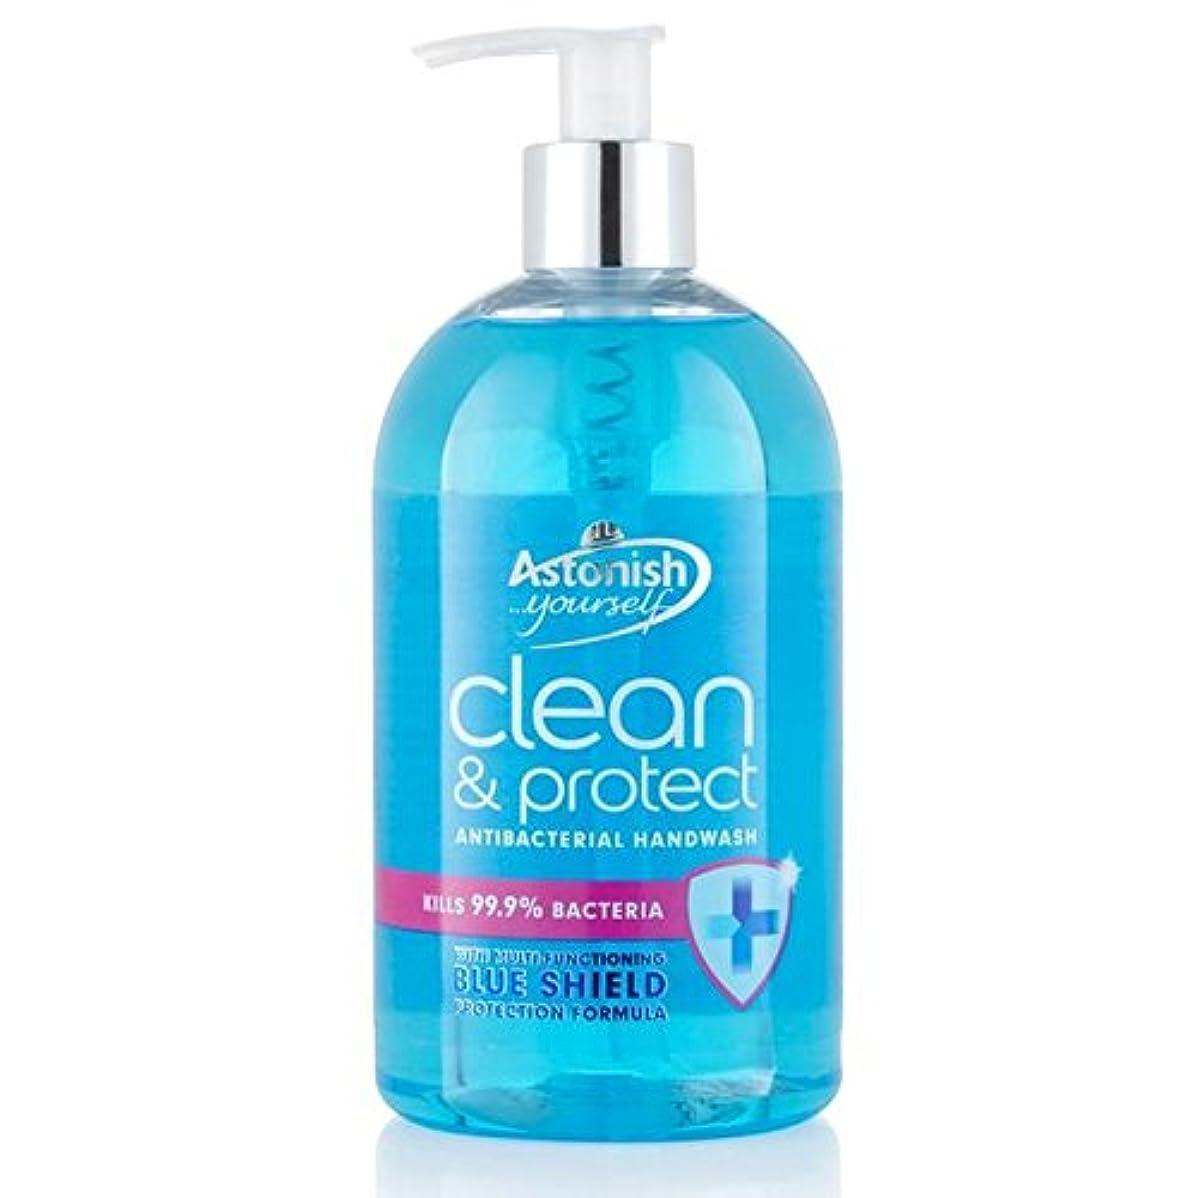 ロック版製作Astonish Clean & Protect Hand Wash 500ml - クリーン驚か&ハンドウォッシュ500ミリリットルを保護 [並行輸入品]